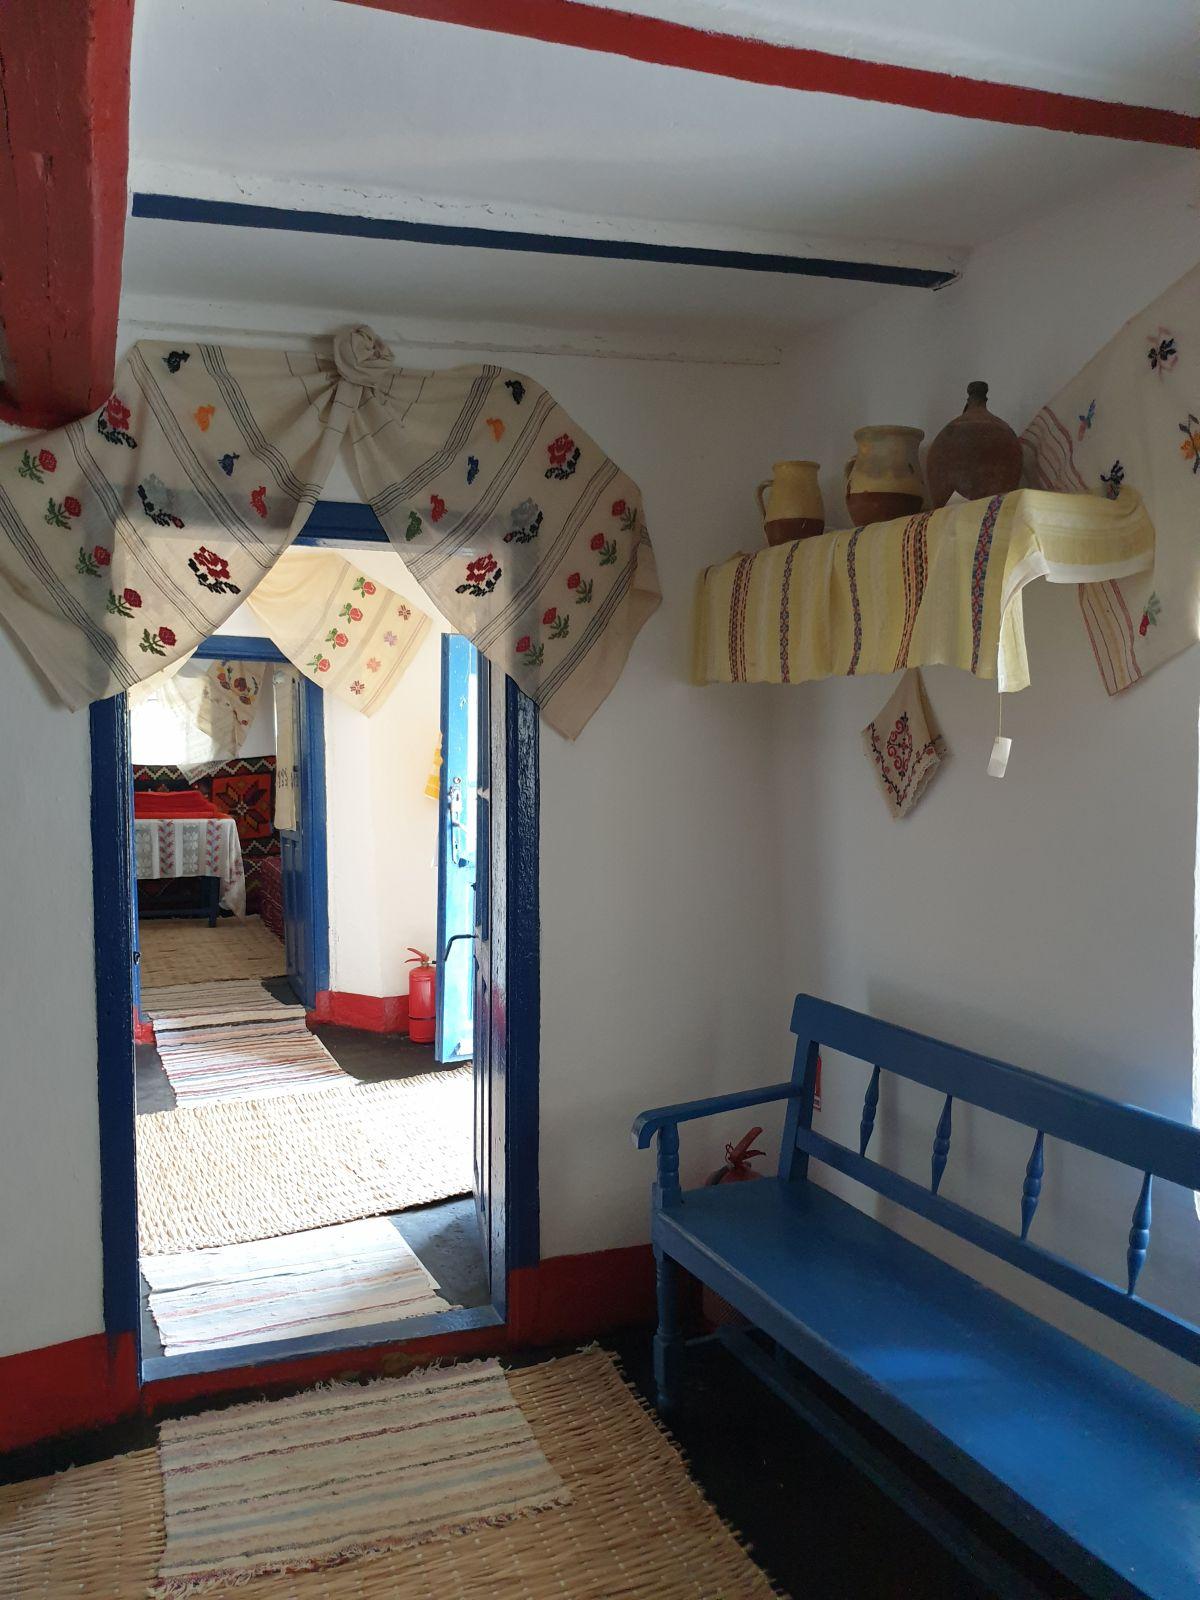 A doua cameră mobilată cu strictul necesar, dar fiecare obiect pare să spună o poveste.